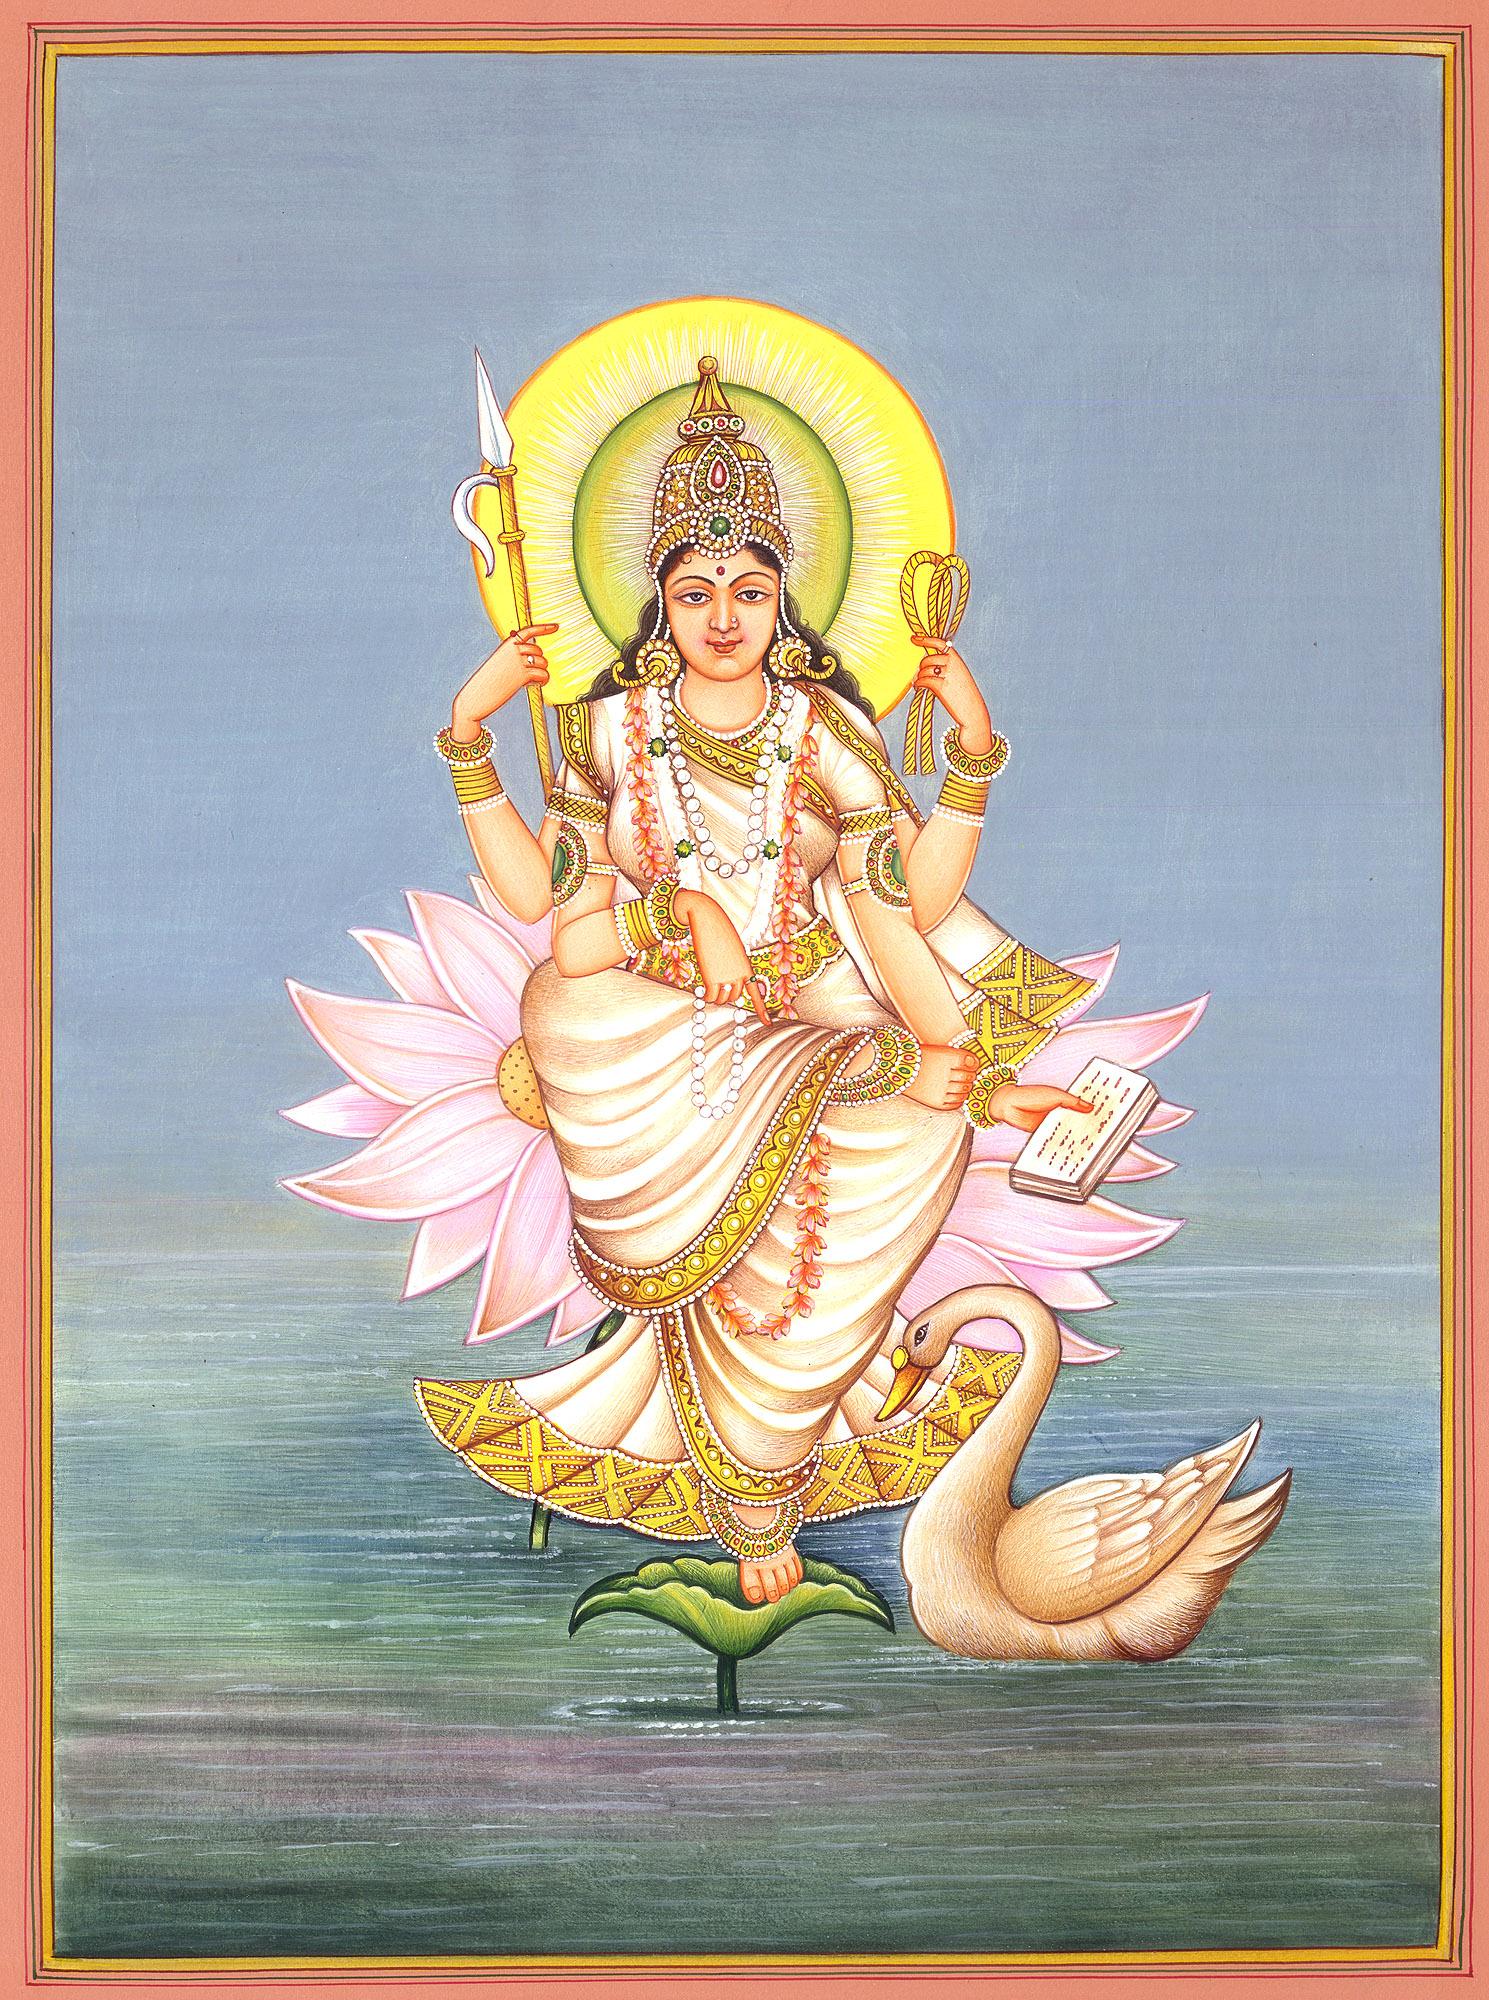 Paintings gt hindu gt goddess saraswati rising from ocean